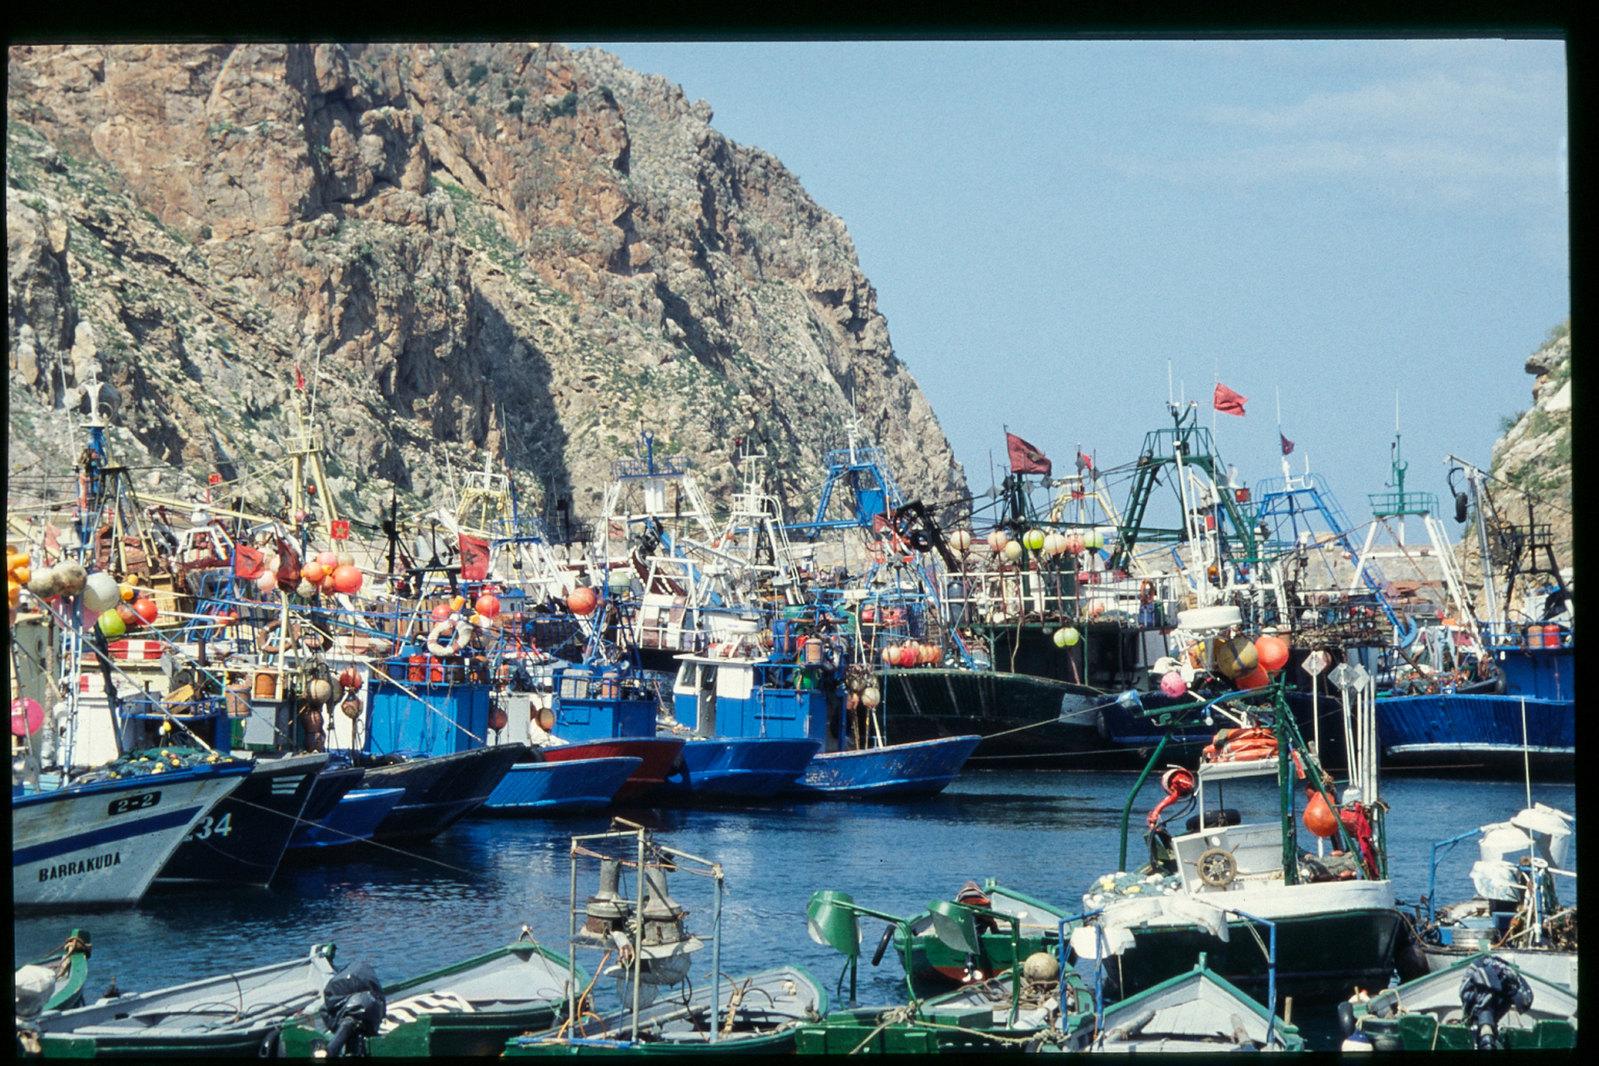 Maroc oriental - Le port de pêche d'Al Hoceima